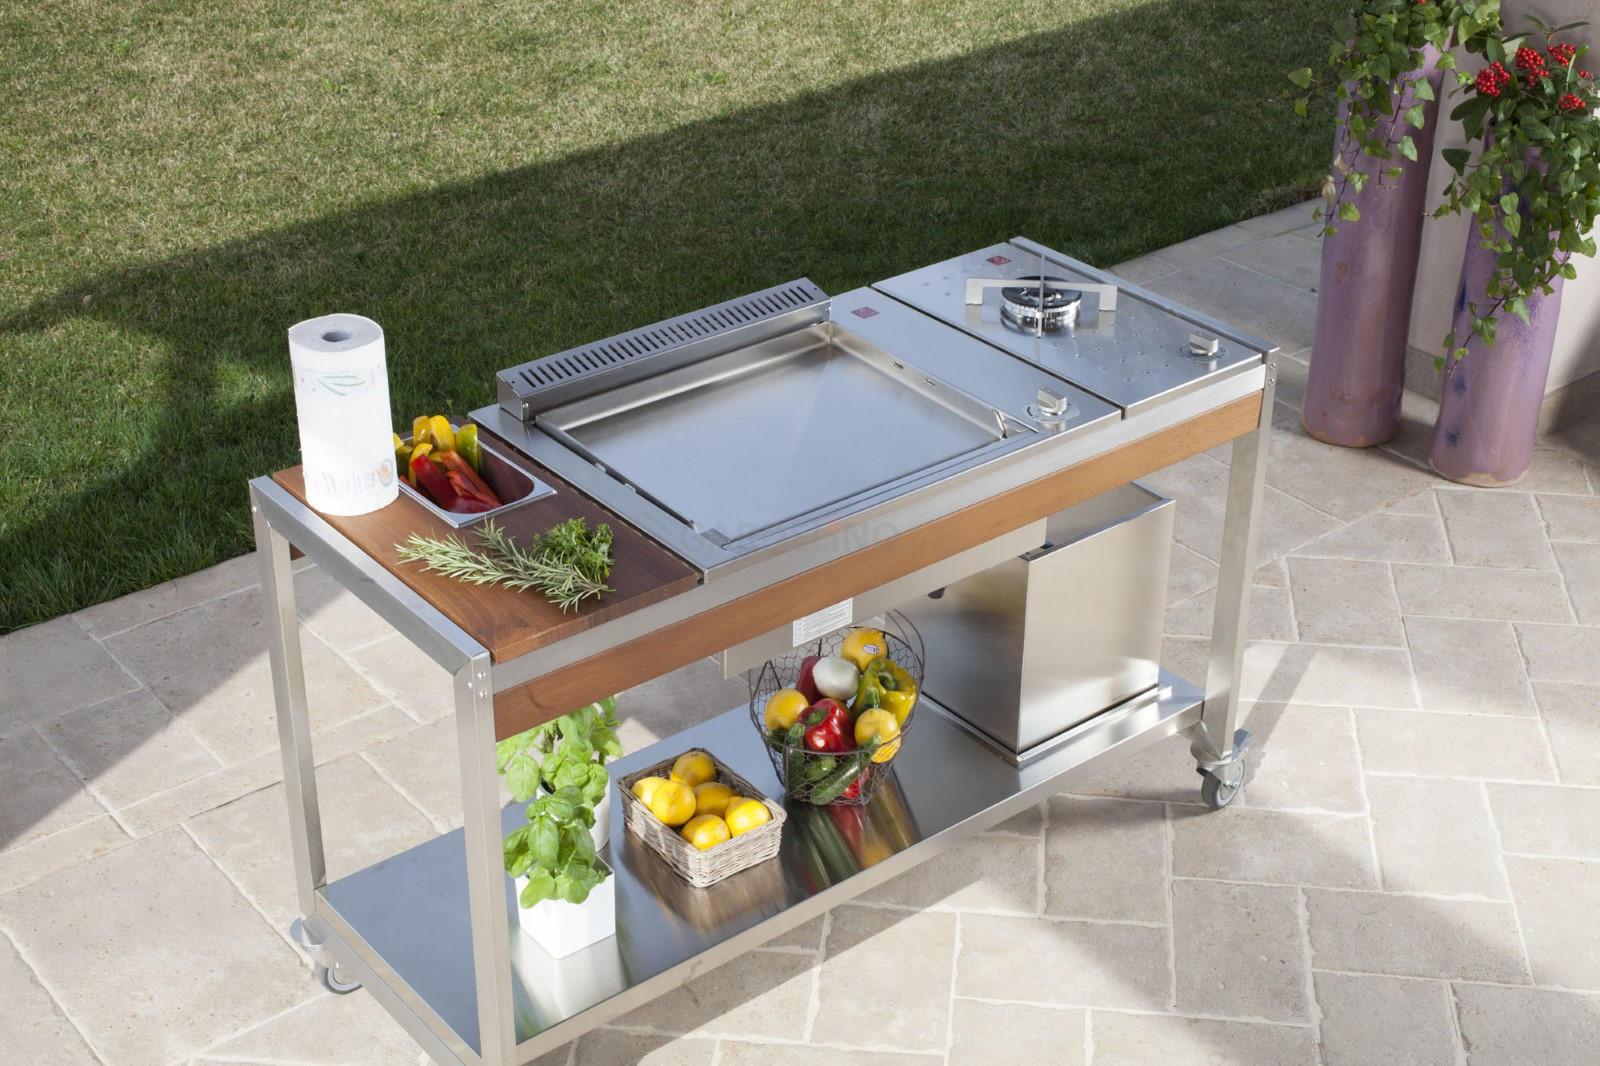 Outdoorküche Gasgrill Kaufen : Mobile outdoorküchen für garten und terrasse